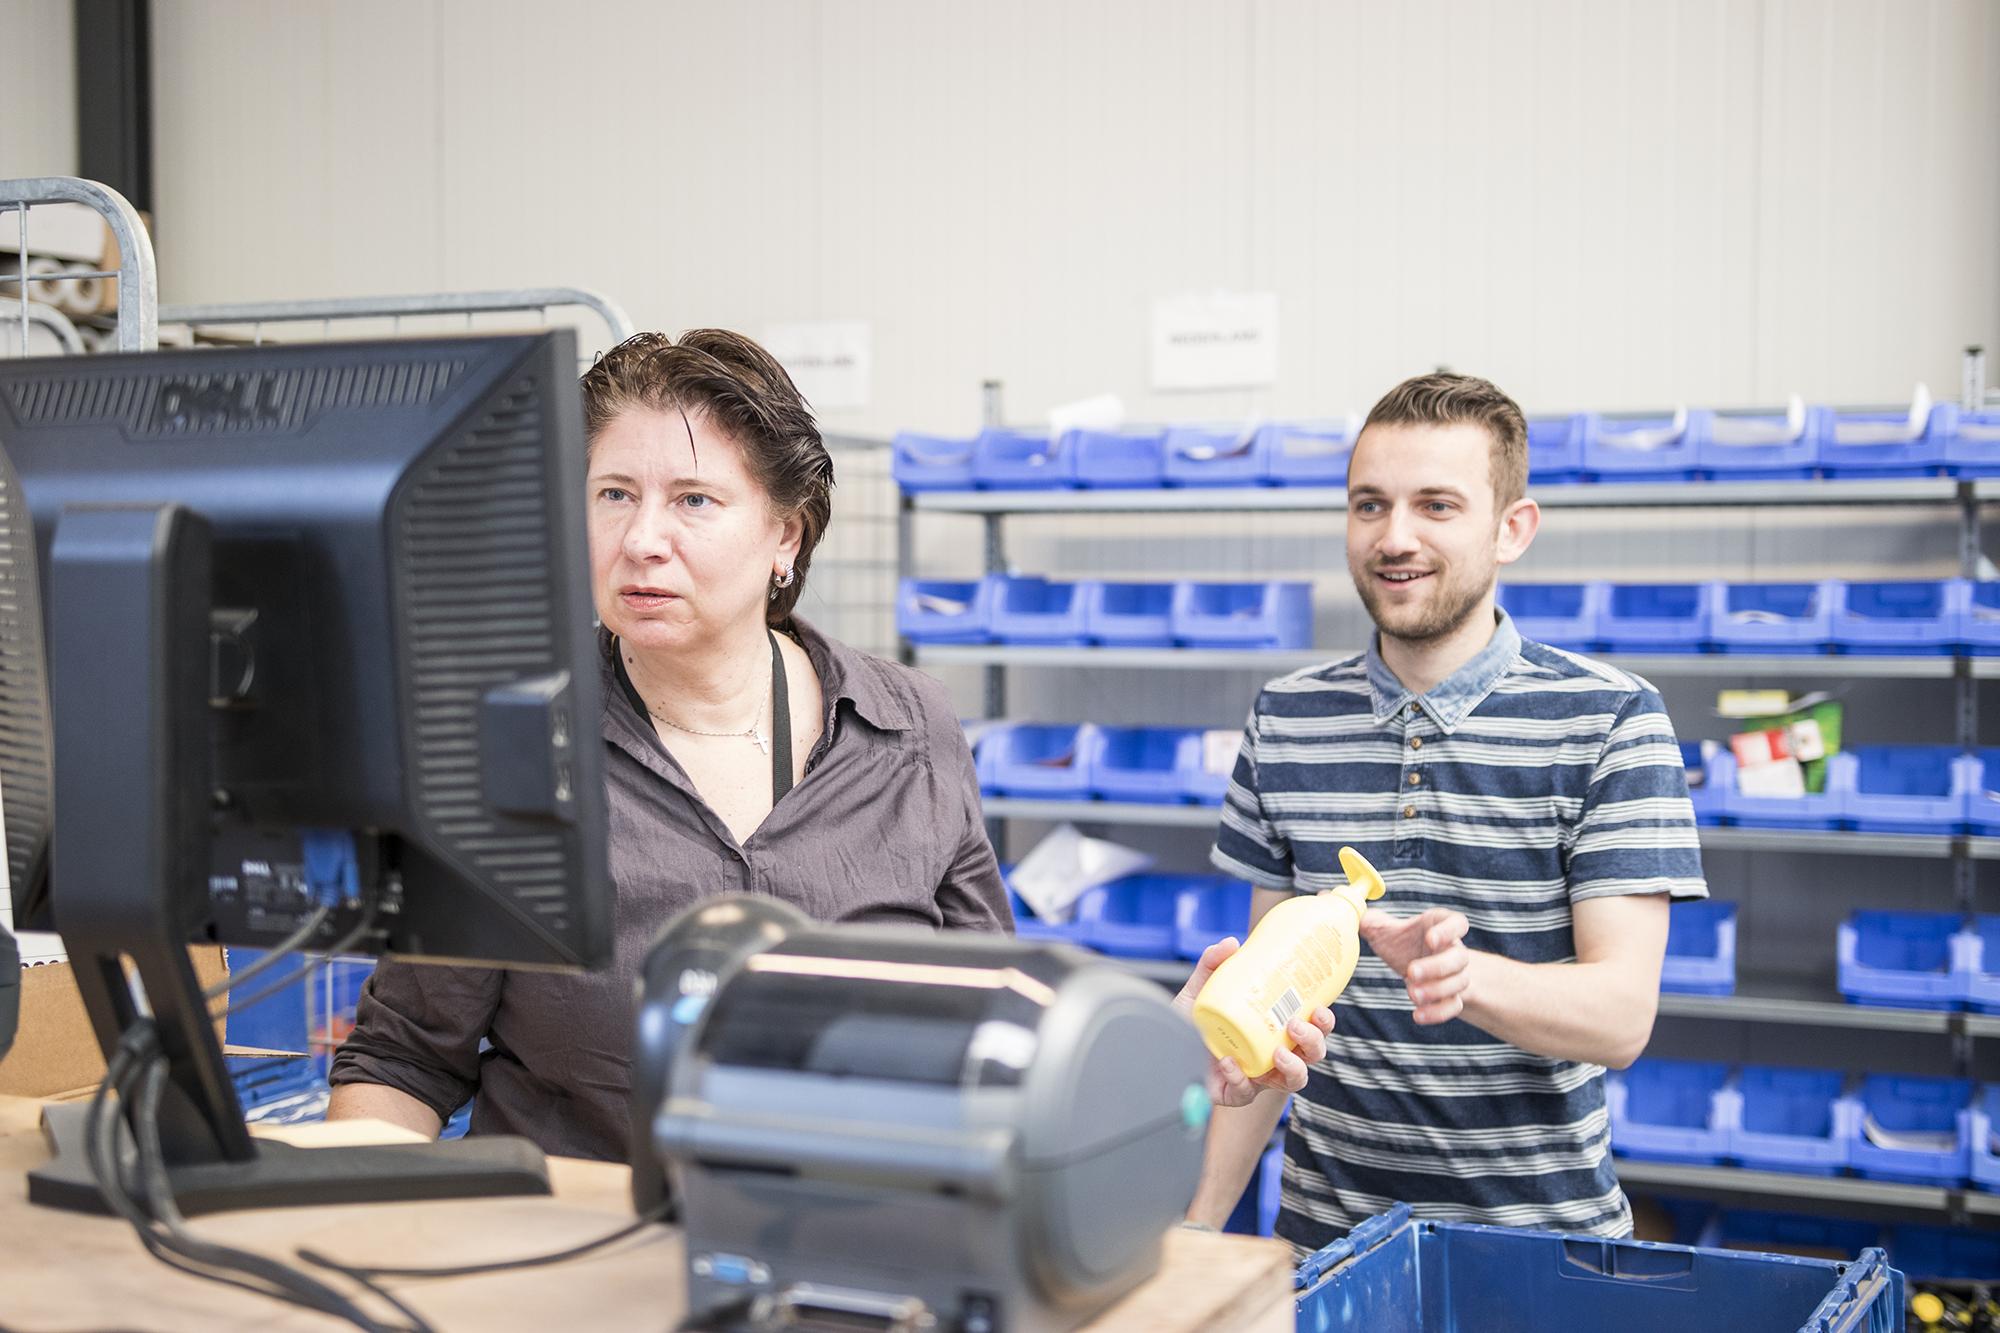 Teamwork order afhandeling Drogist.nl koppeling backofficesysteem